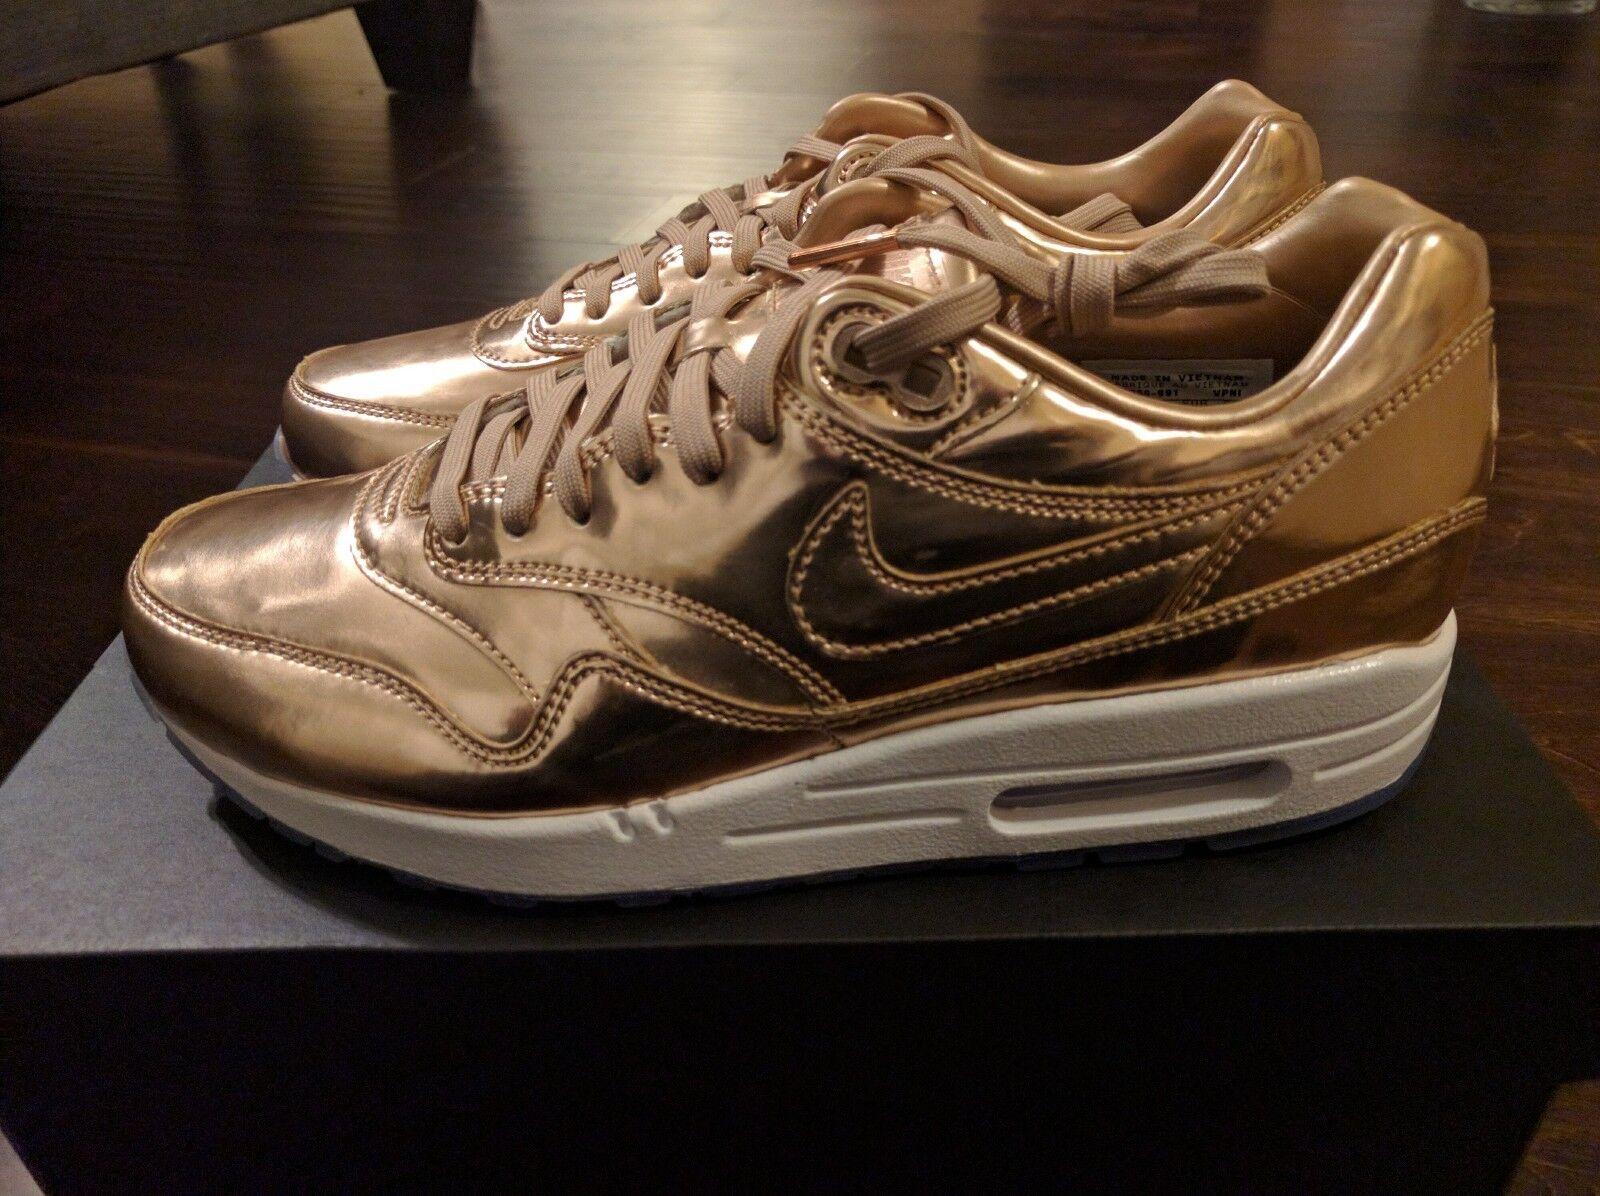 nike air max 1 premium bronze - id flüssige metall bronze premium metallischen rose gold yeezy wmns 8,5 abb235